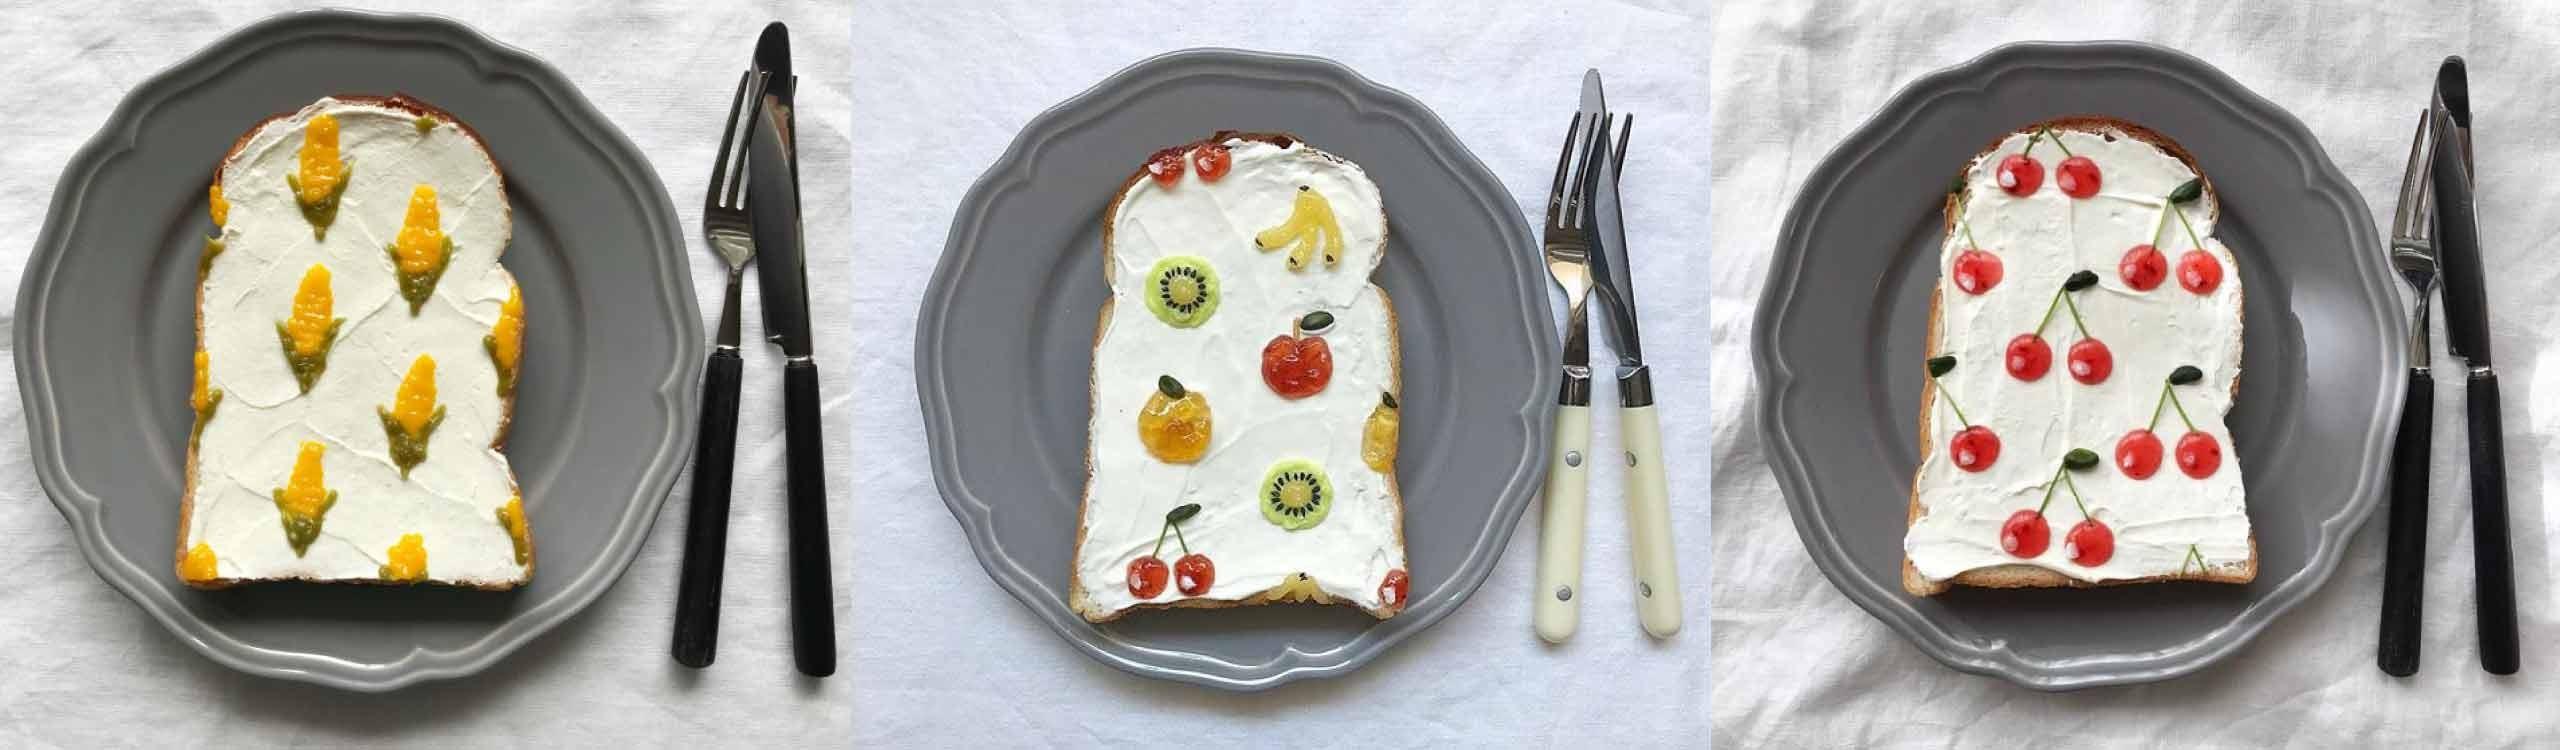 eiko-mori-tostadas-mis-gafas-de-pasta-destacado